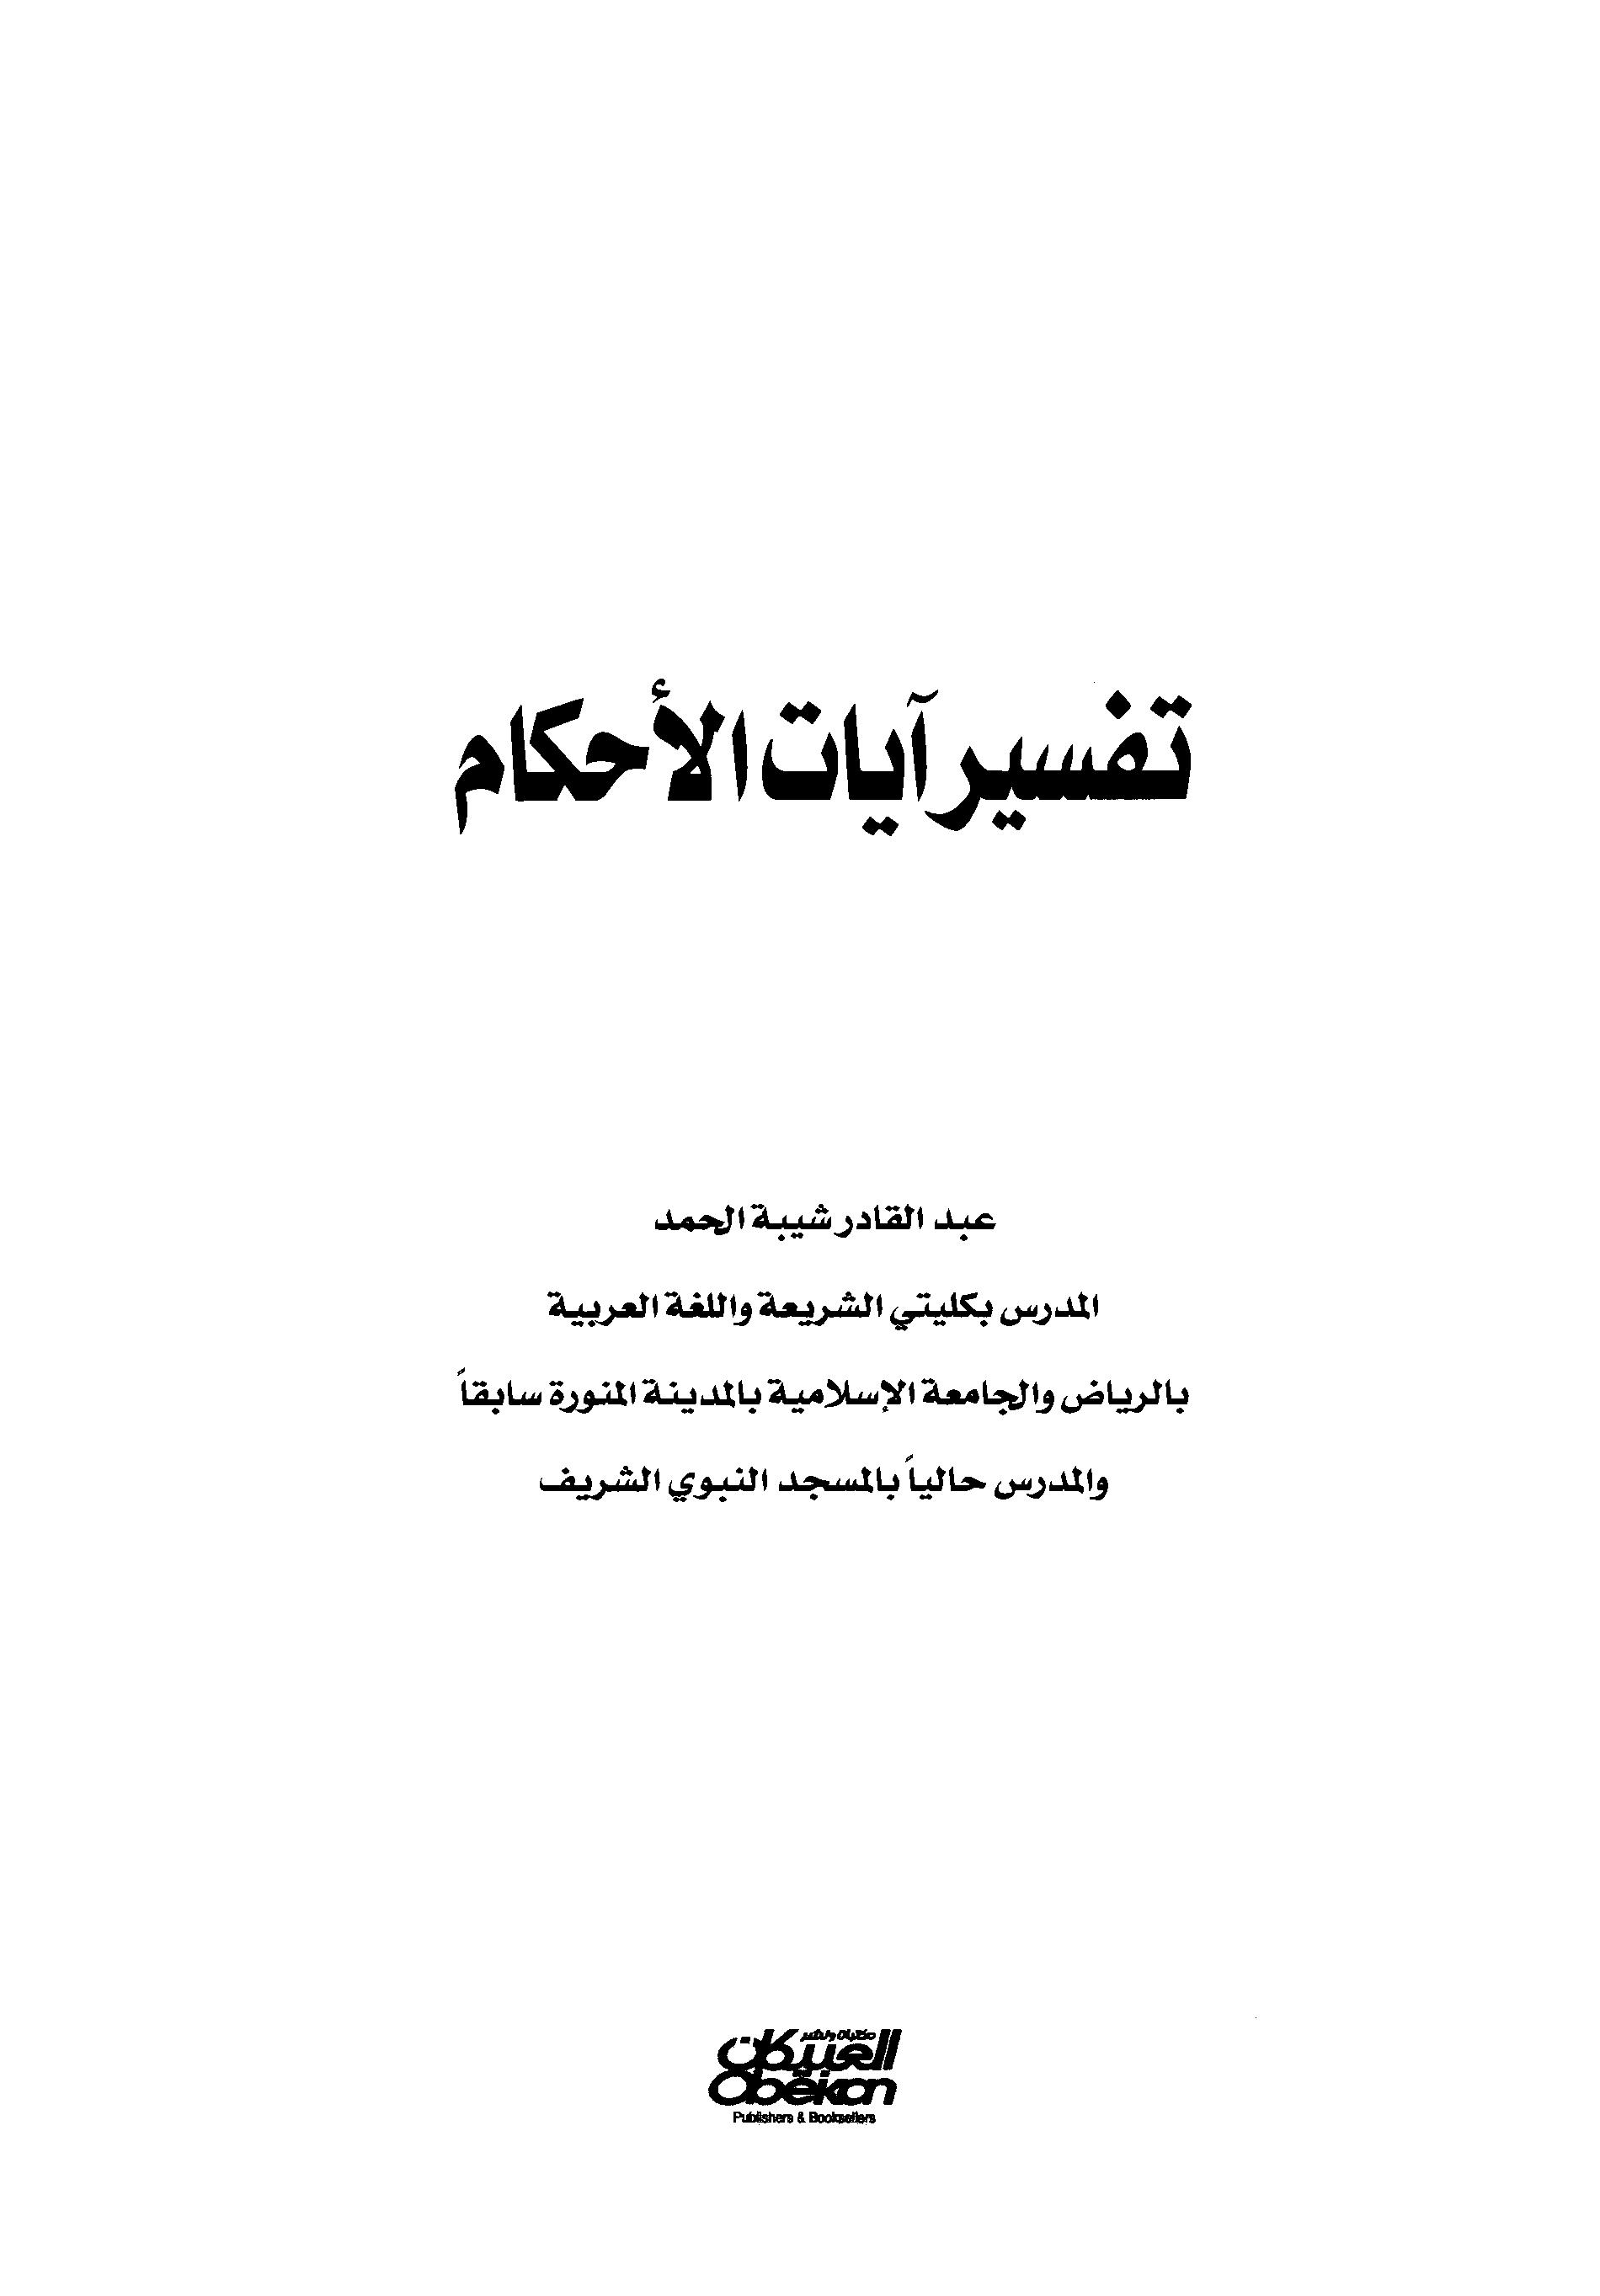 تحميل كتاب تفسير آيات الأحكام (عبد القادر شيبة) لـِ: الشيخ عبد القادر شيبة الحمد